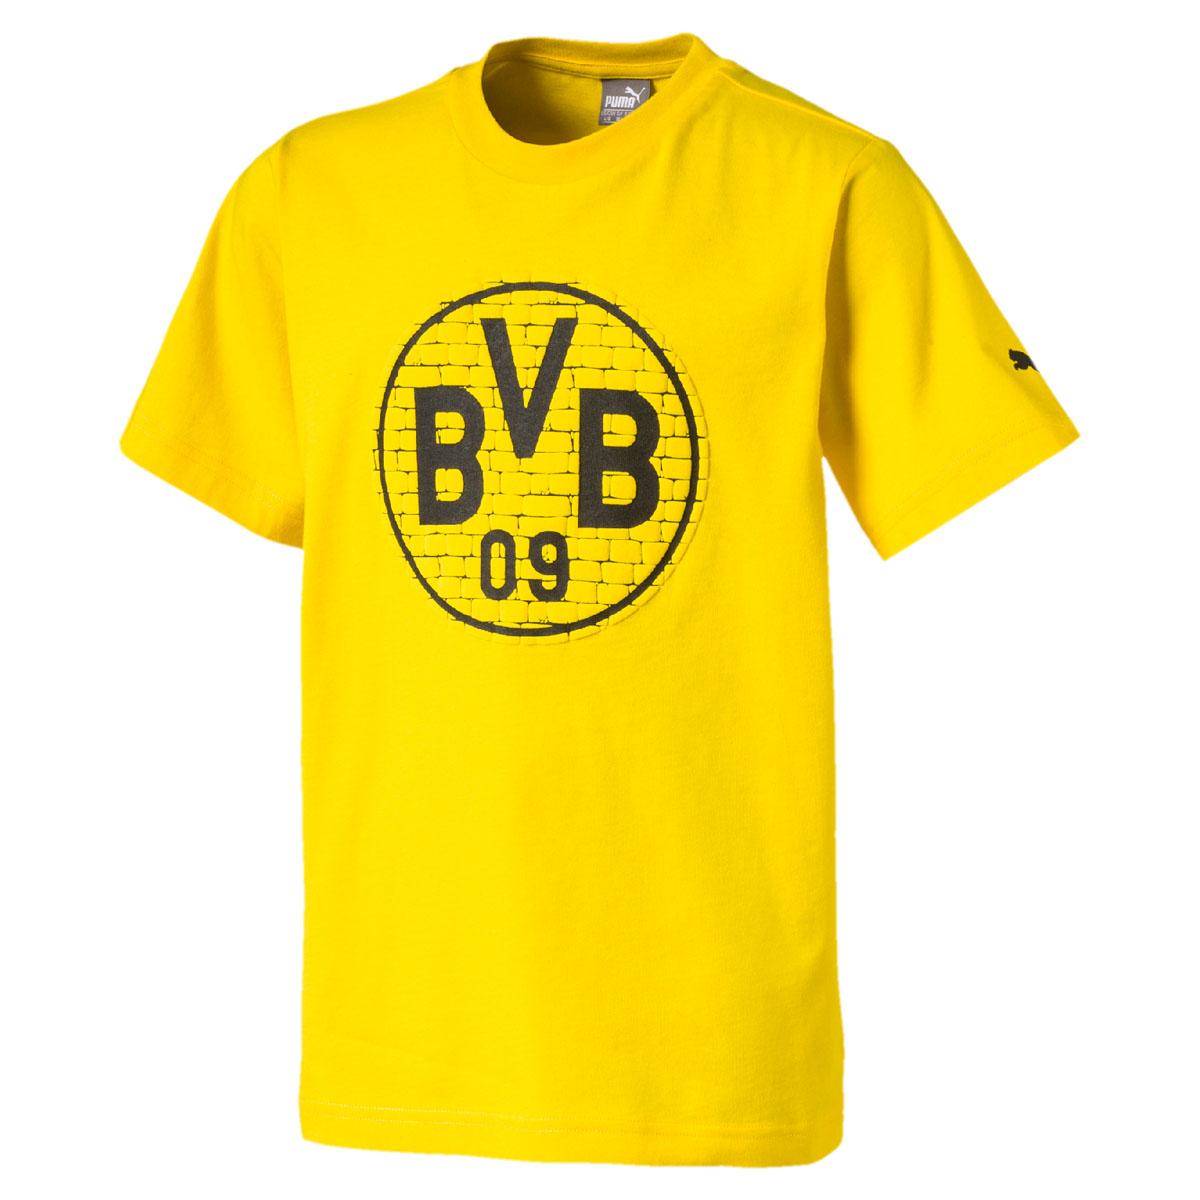 Футболка для мальчика Puma BVB Fan Tee Jr, цвет: желтый. 752868117. Размер 164 бейсболка для мальчика puma minions suede flatbrim jr цвет черный 02147701 размер универсальный